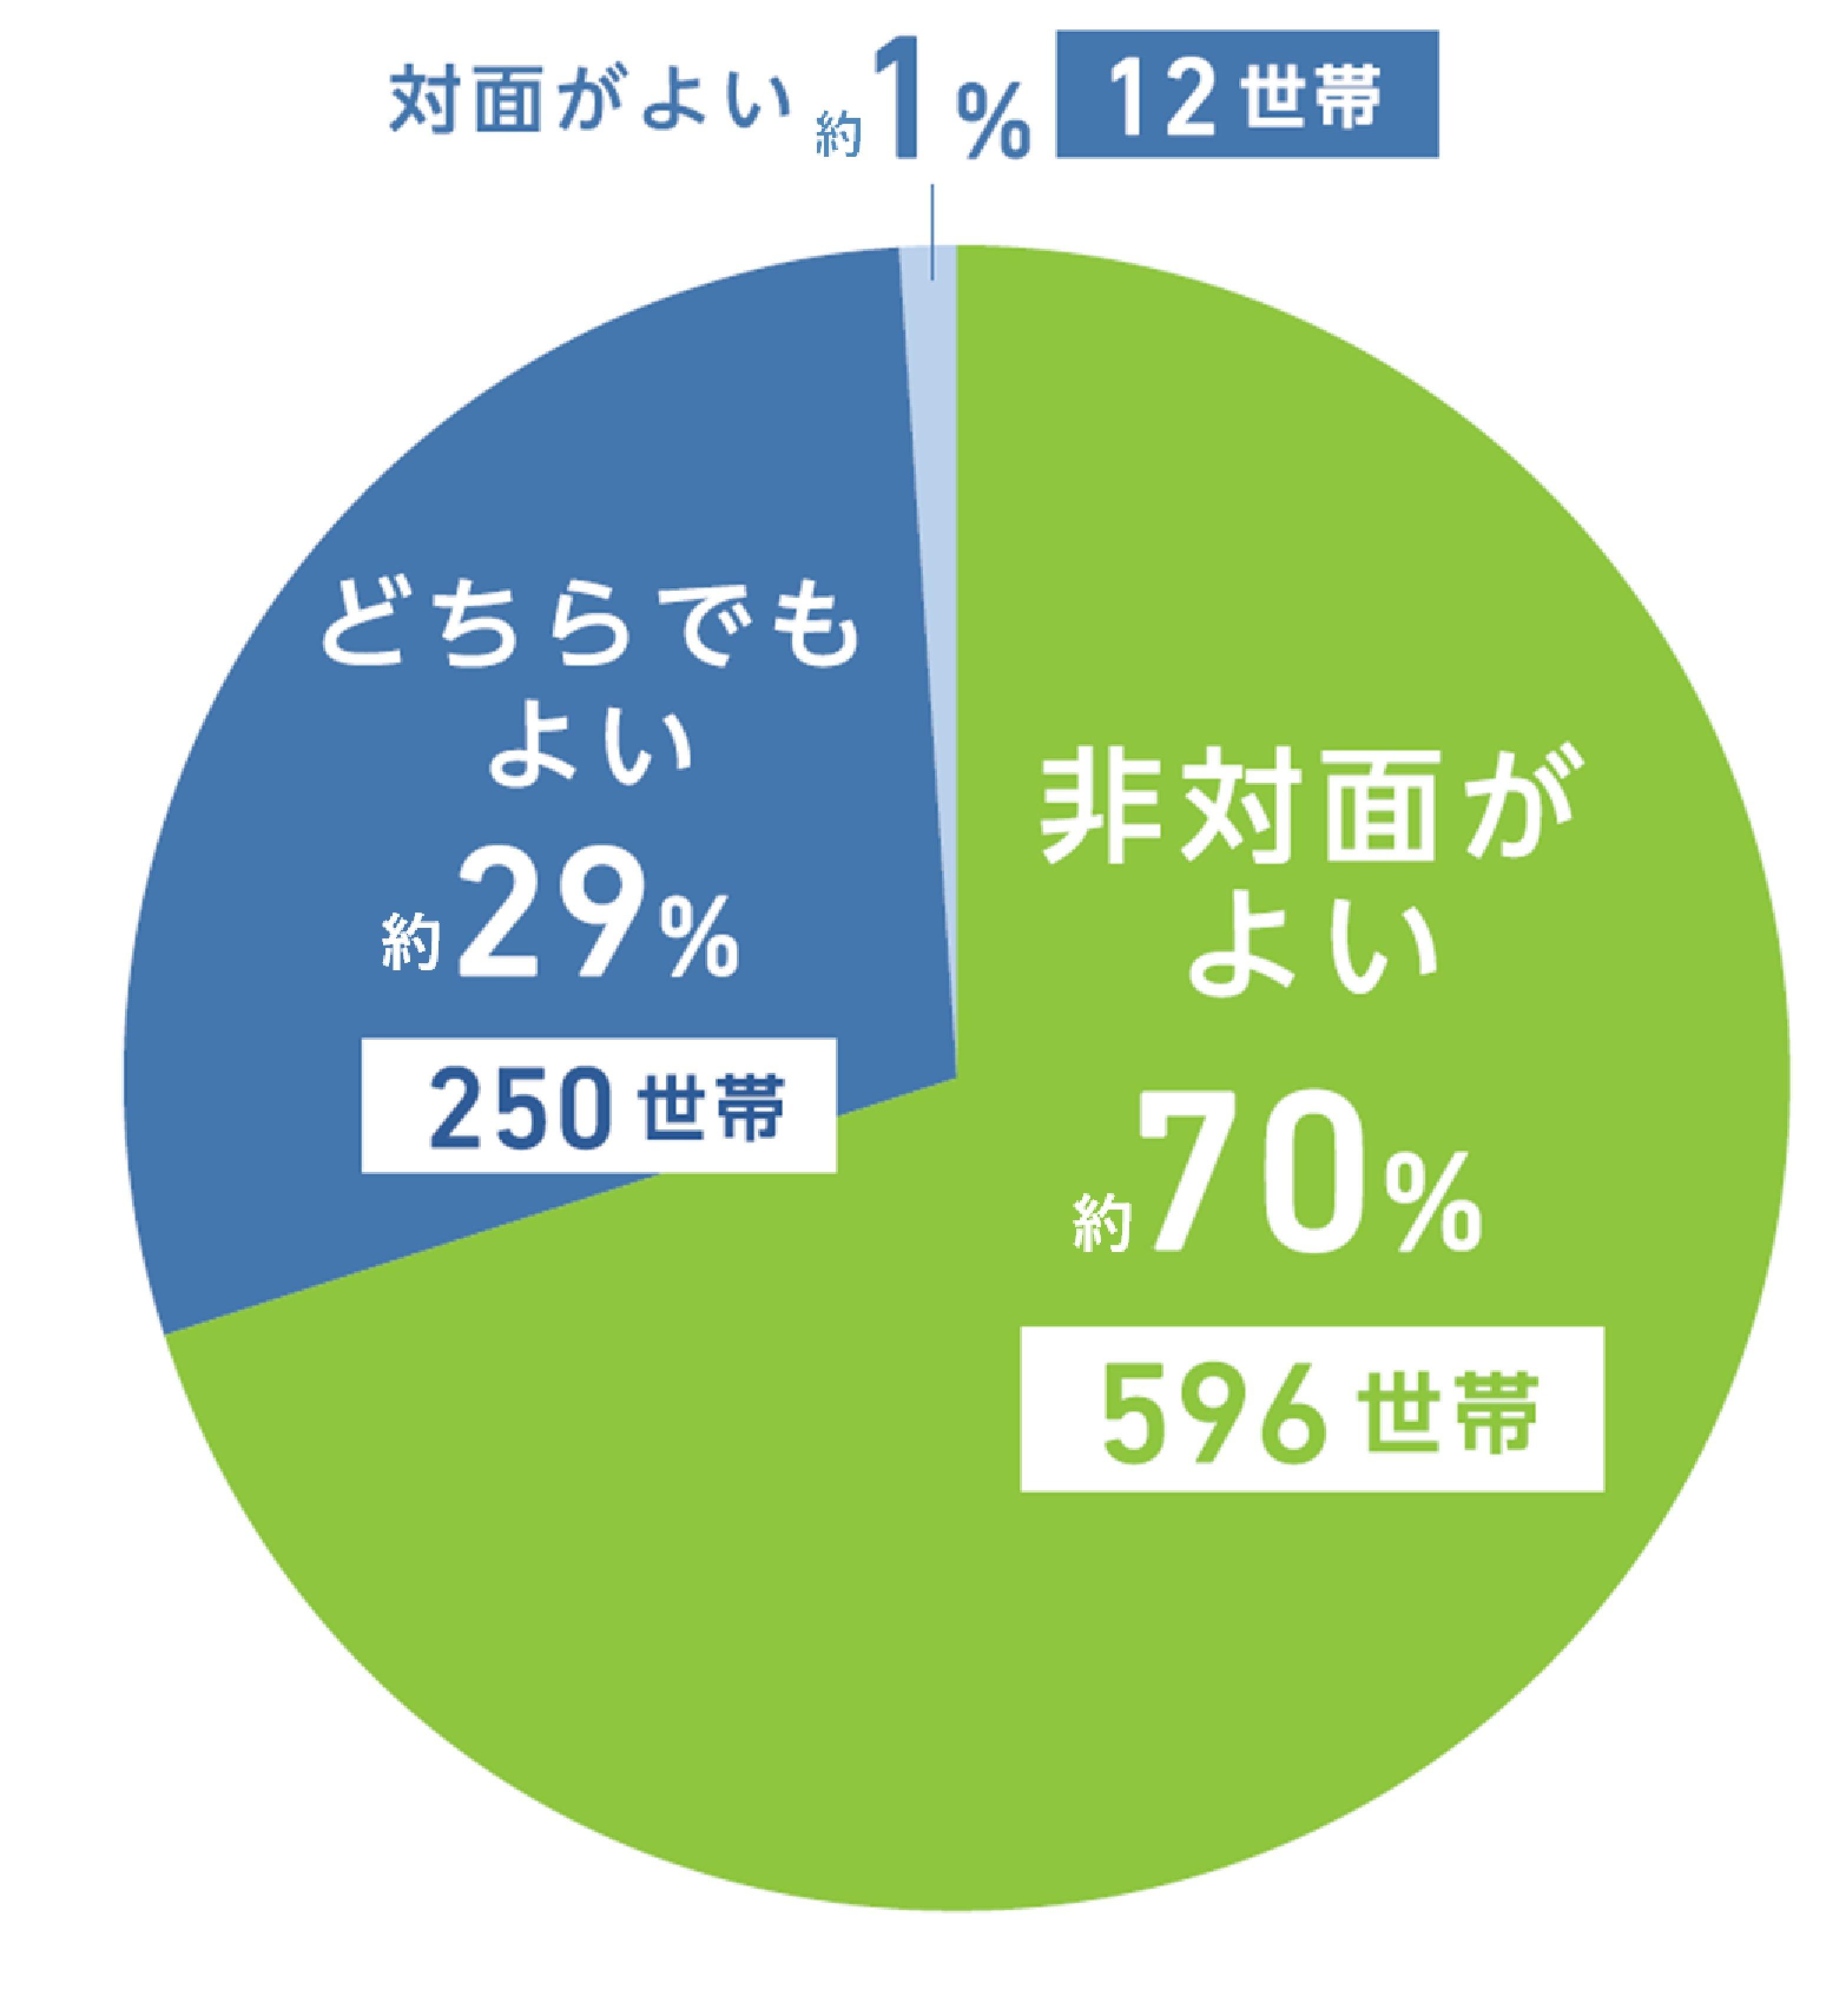 01_荷物の受け取り方グラフ